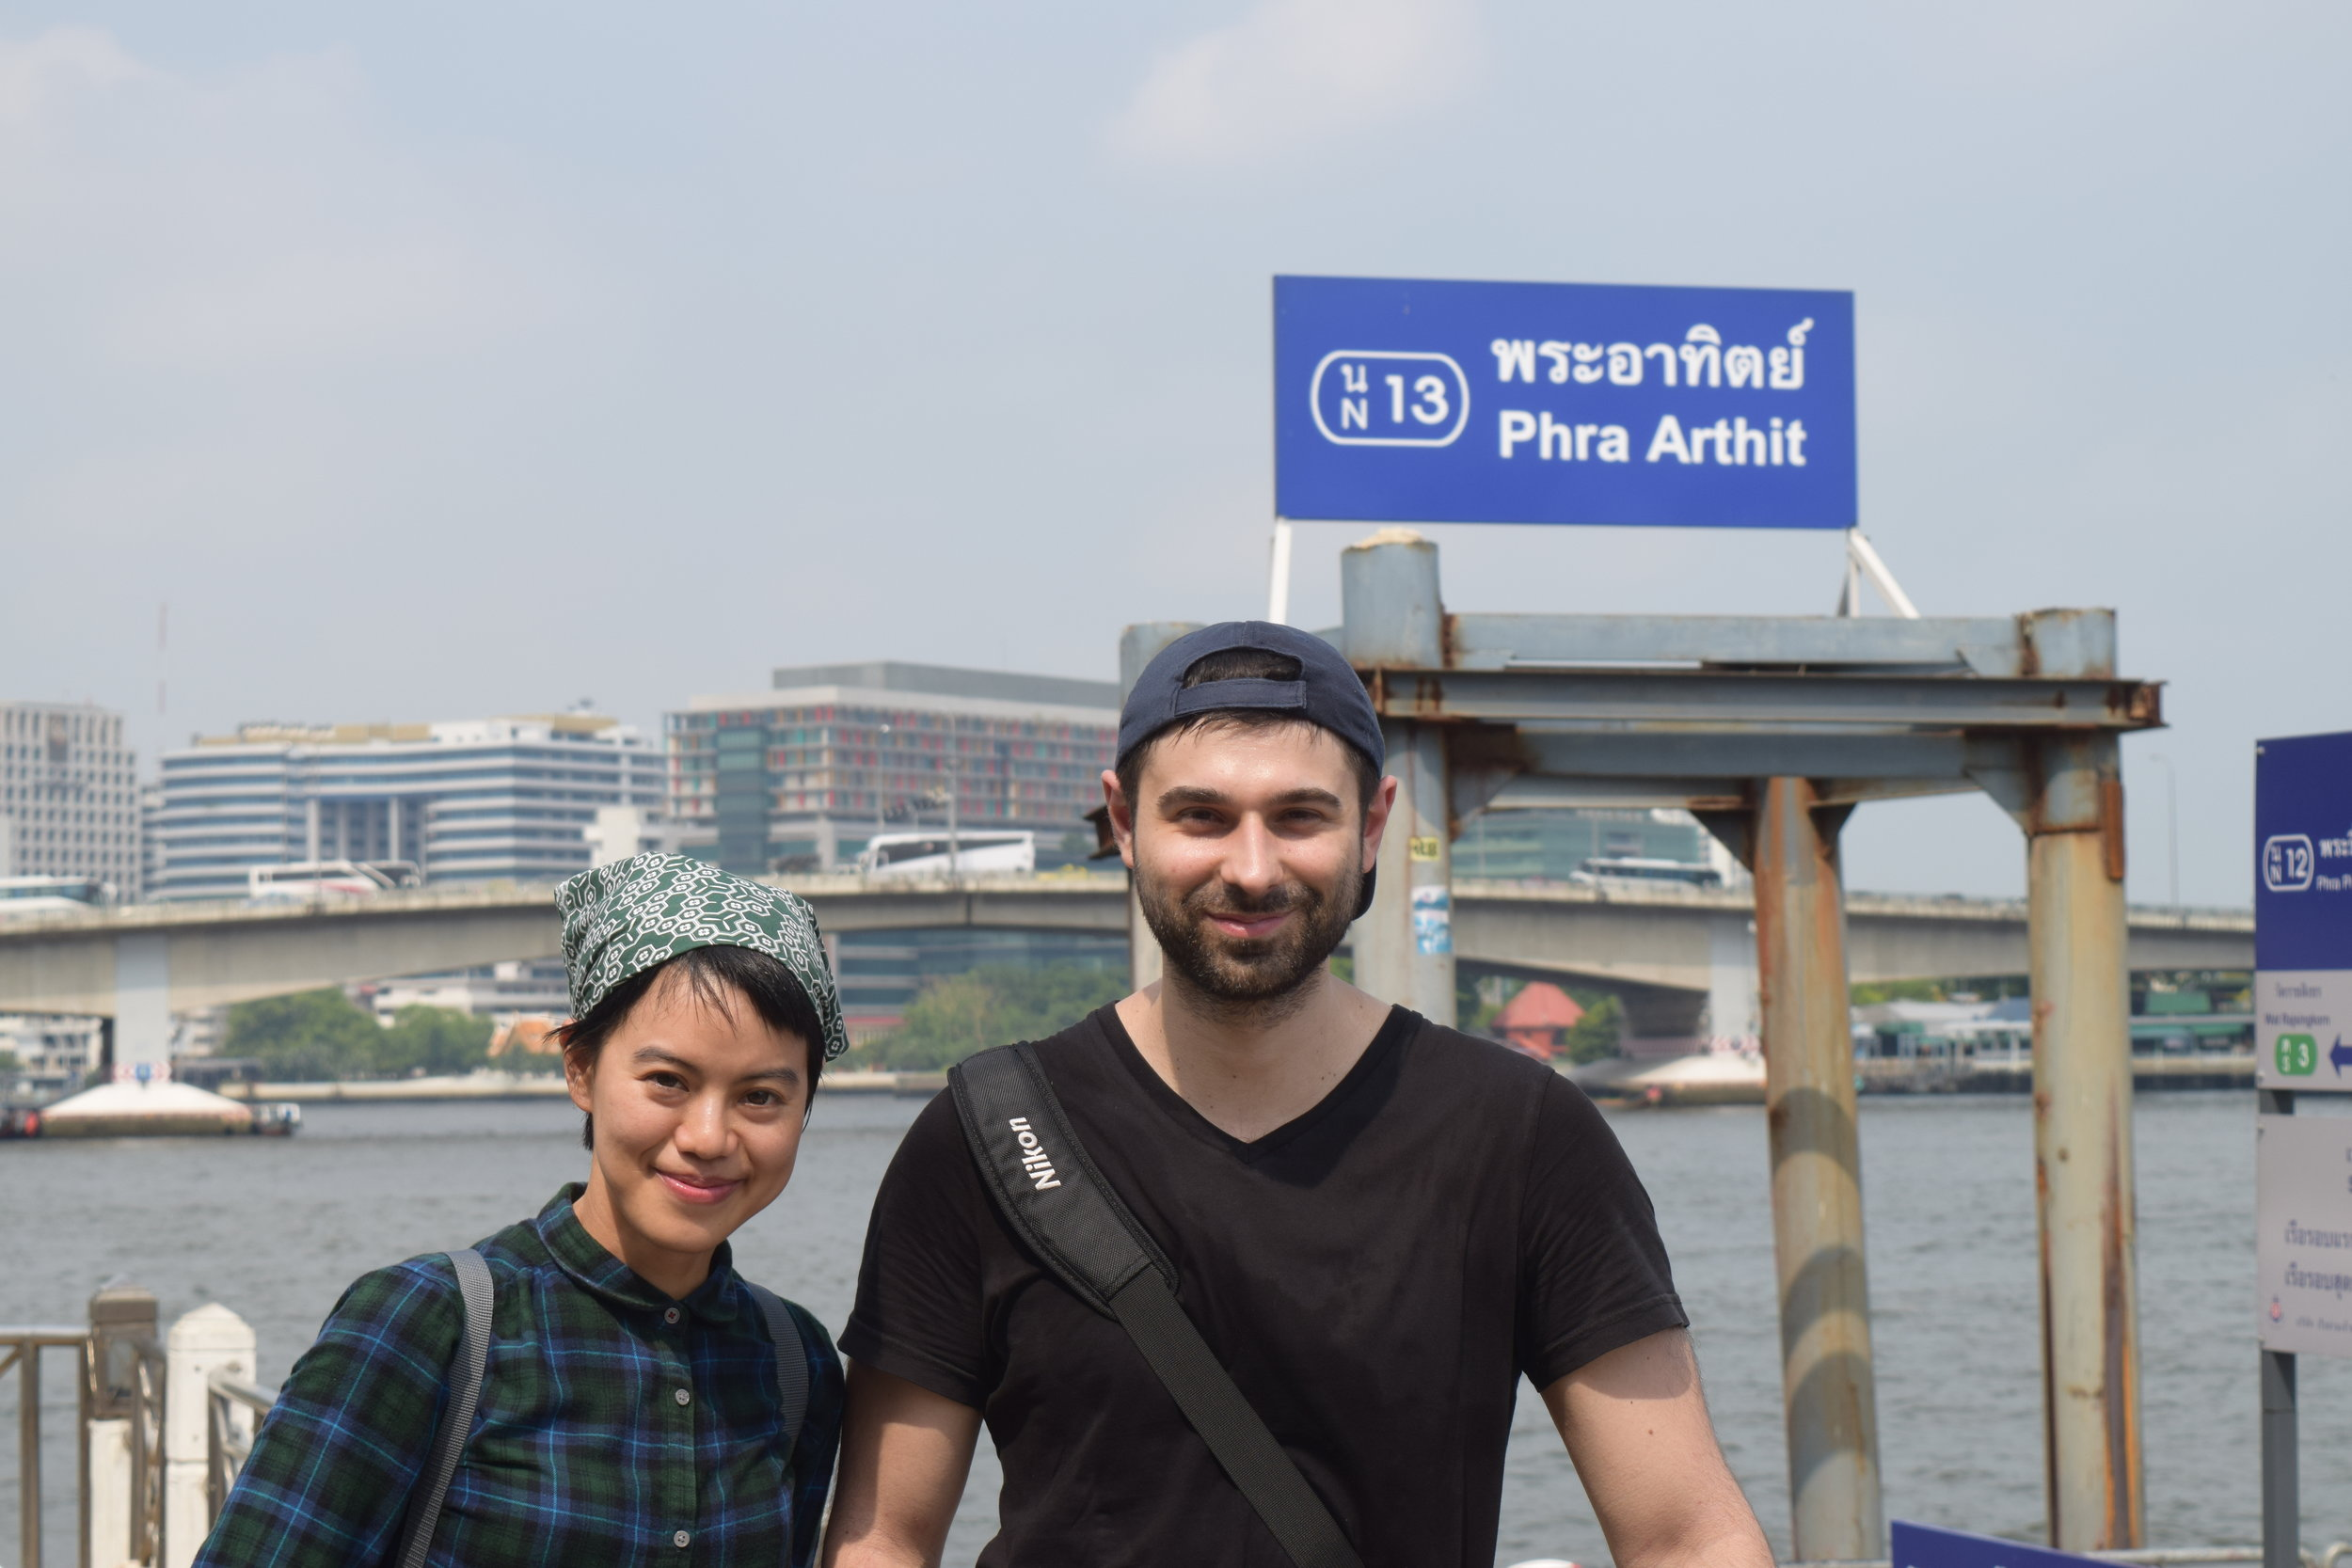 Con la mia amica/guida, pronti per imbarcarci su un vascello che ci porterà attorno a Bangkok.